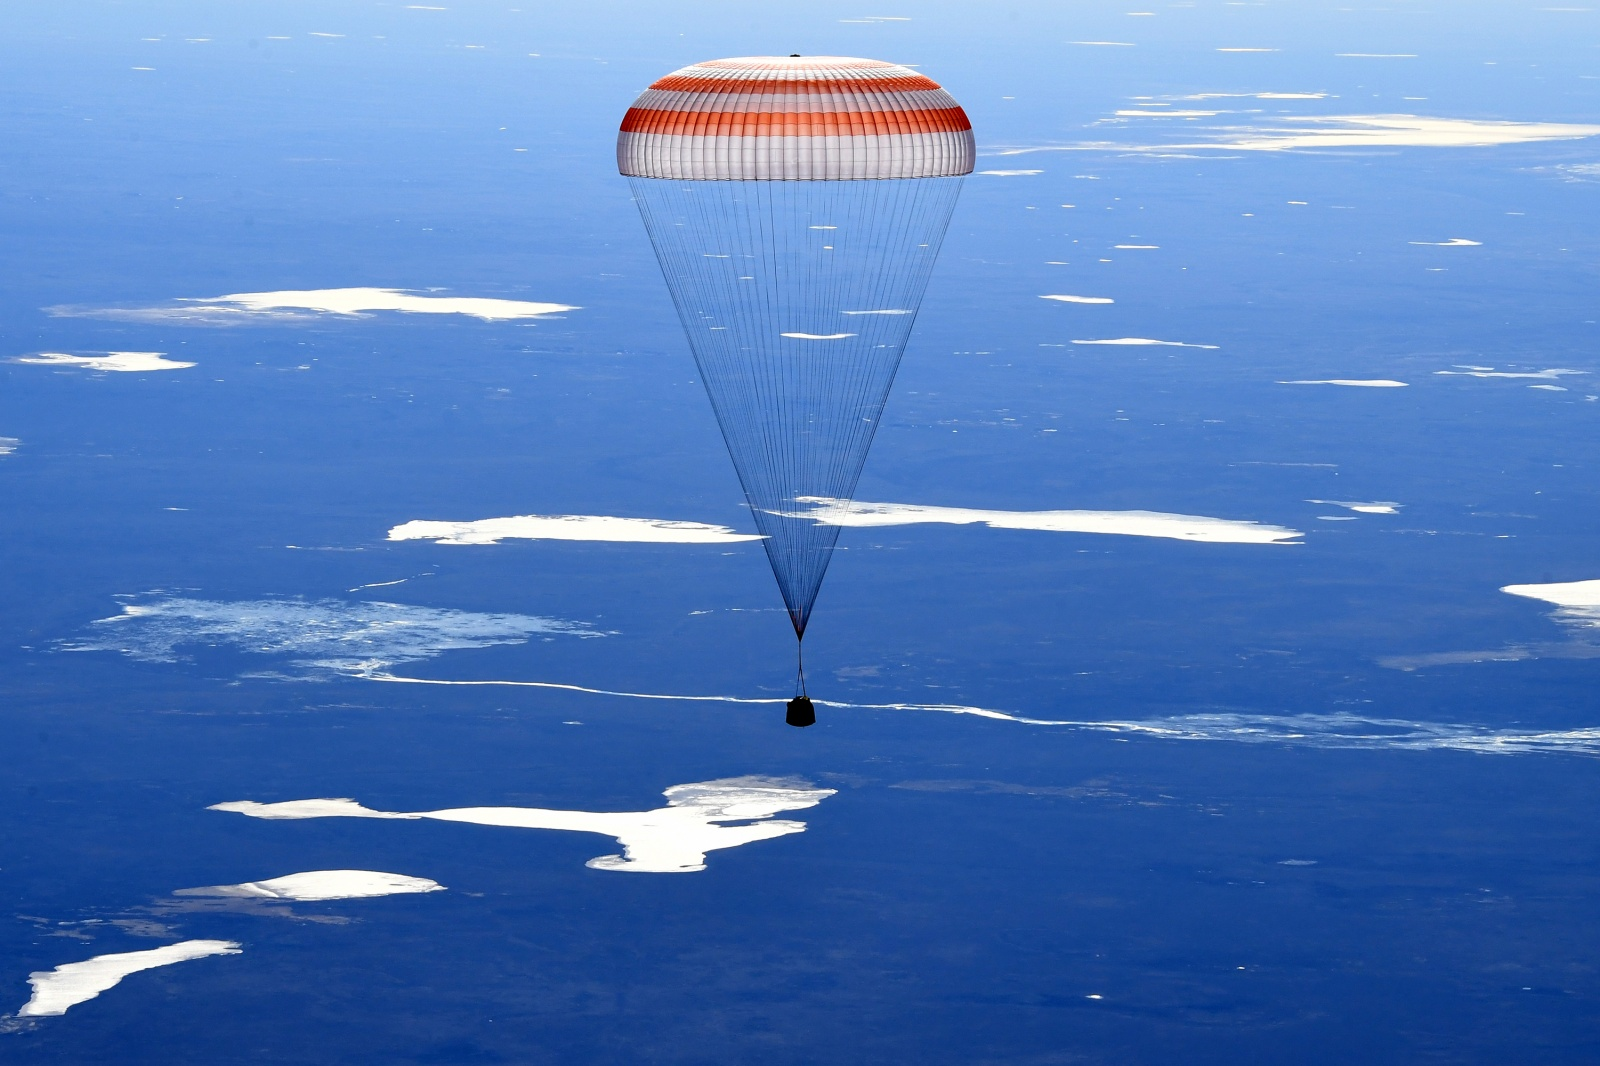 Представитель НАСА заявил о частичной разгерметизации «Союза МС-02» с тремя космонавтами на борту в апреле этого года - 1